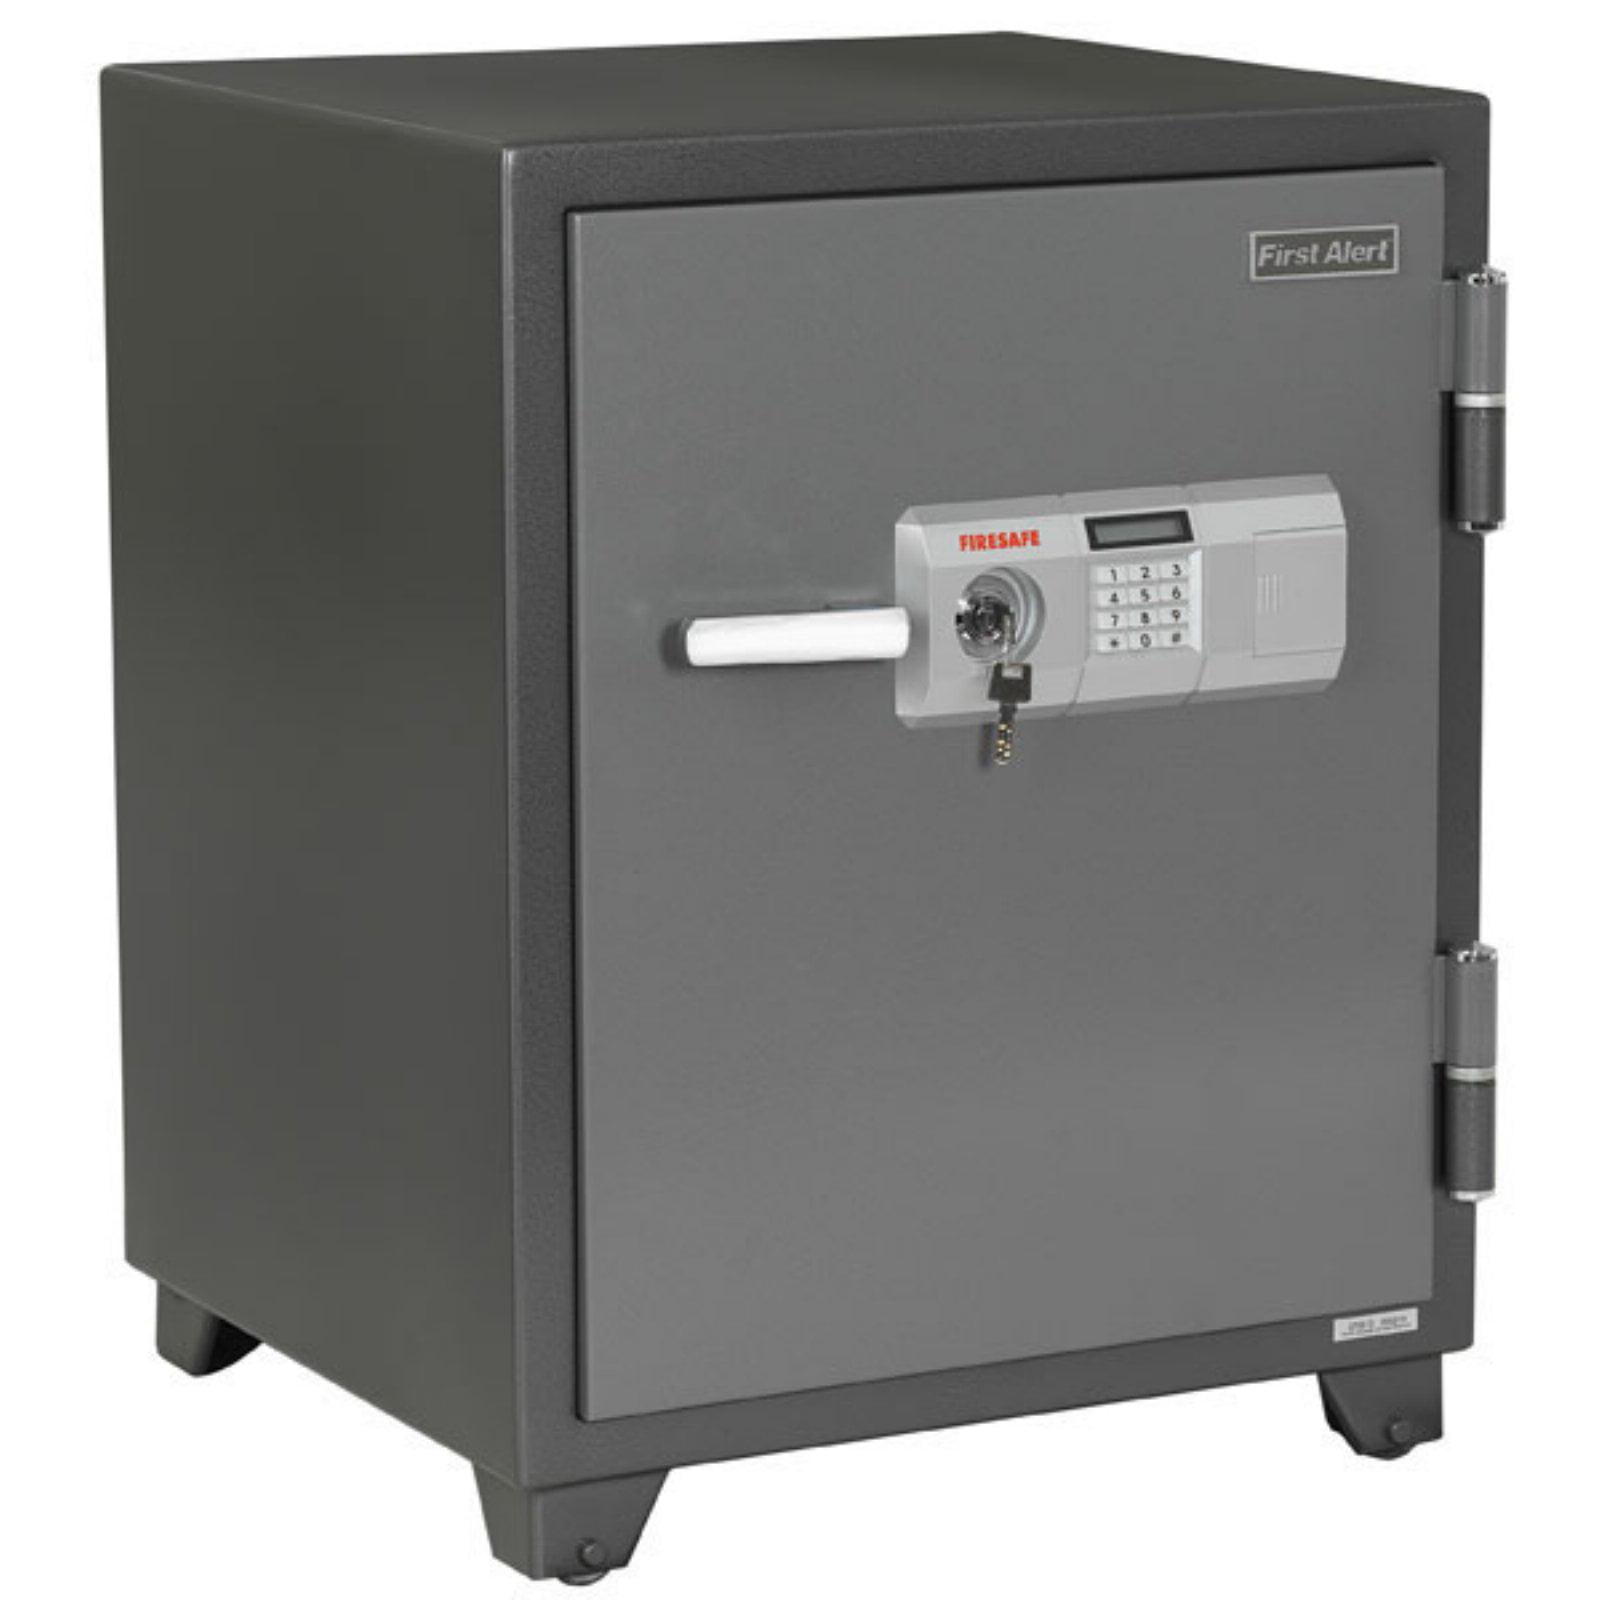 First Alert 2700DF 3.12 Cu. Ft. Fire Theft Digital Safe